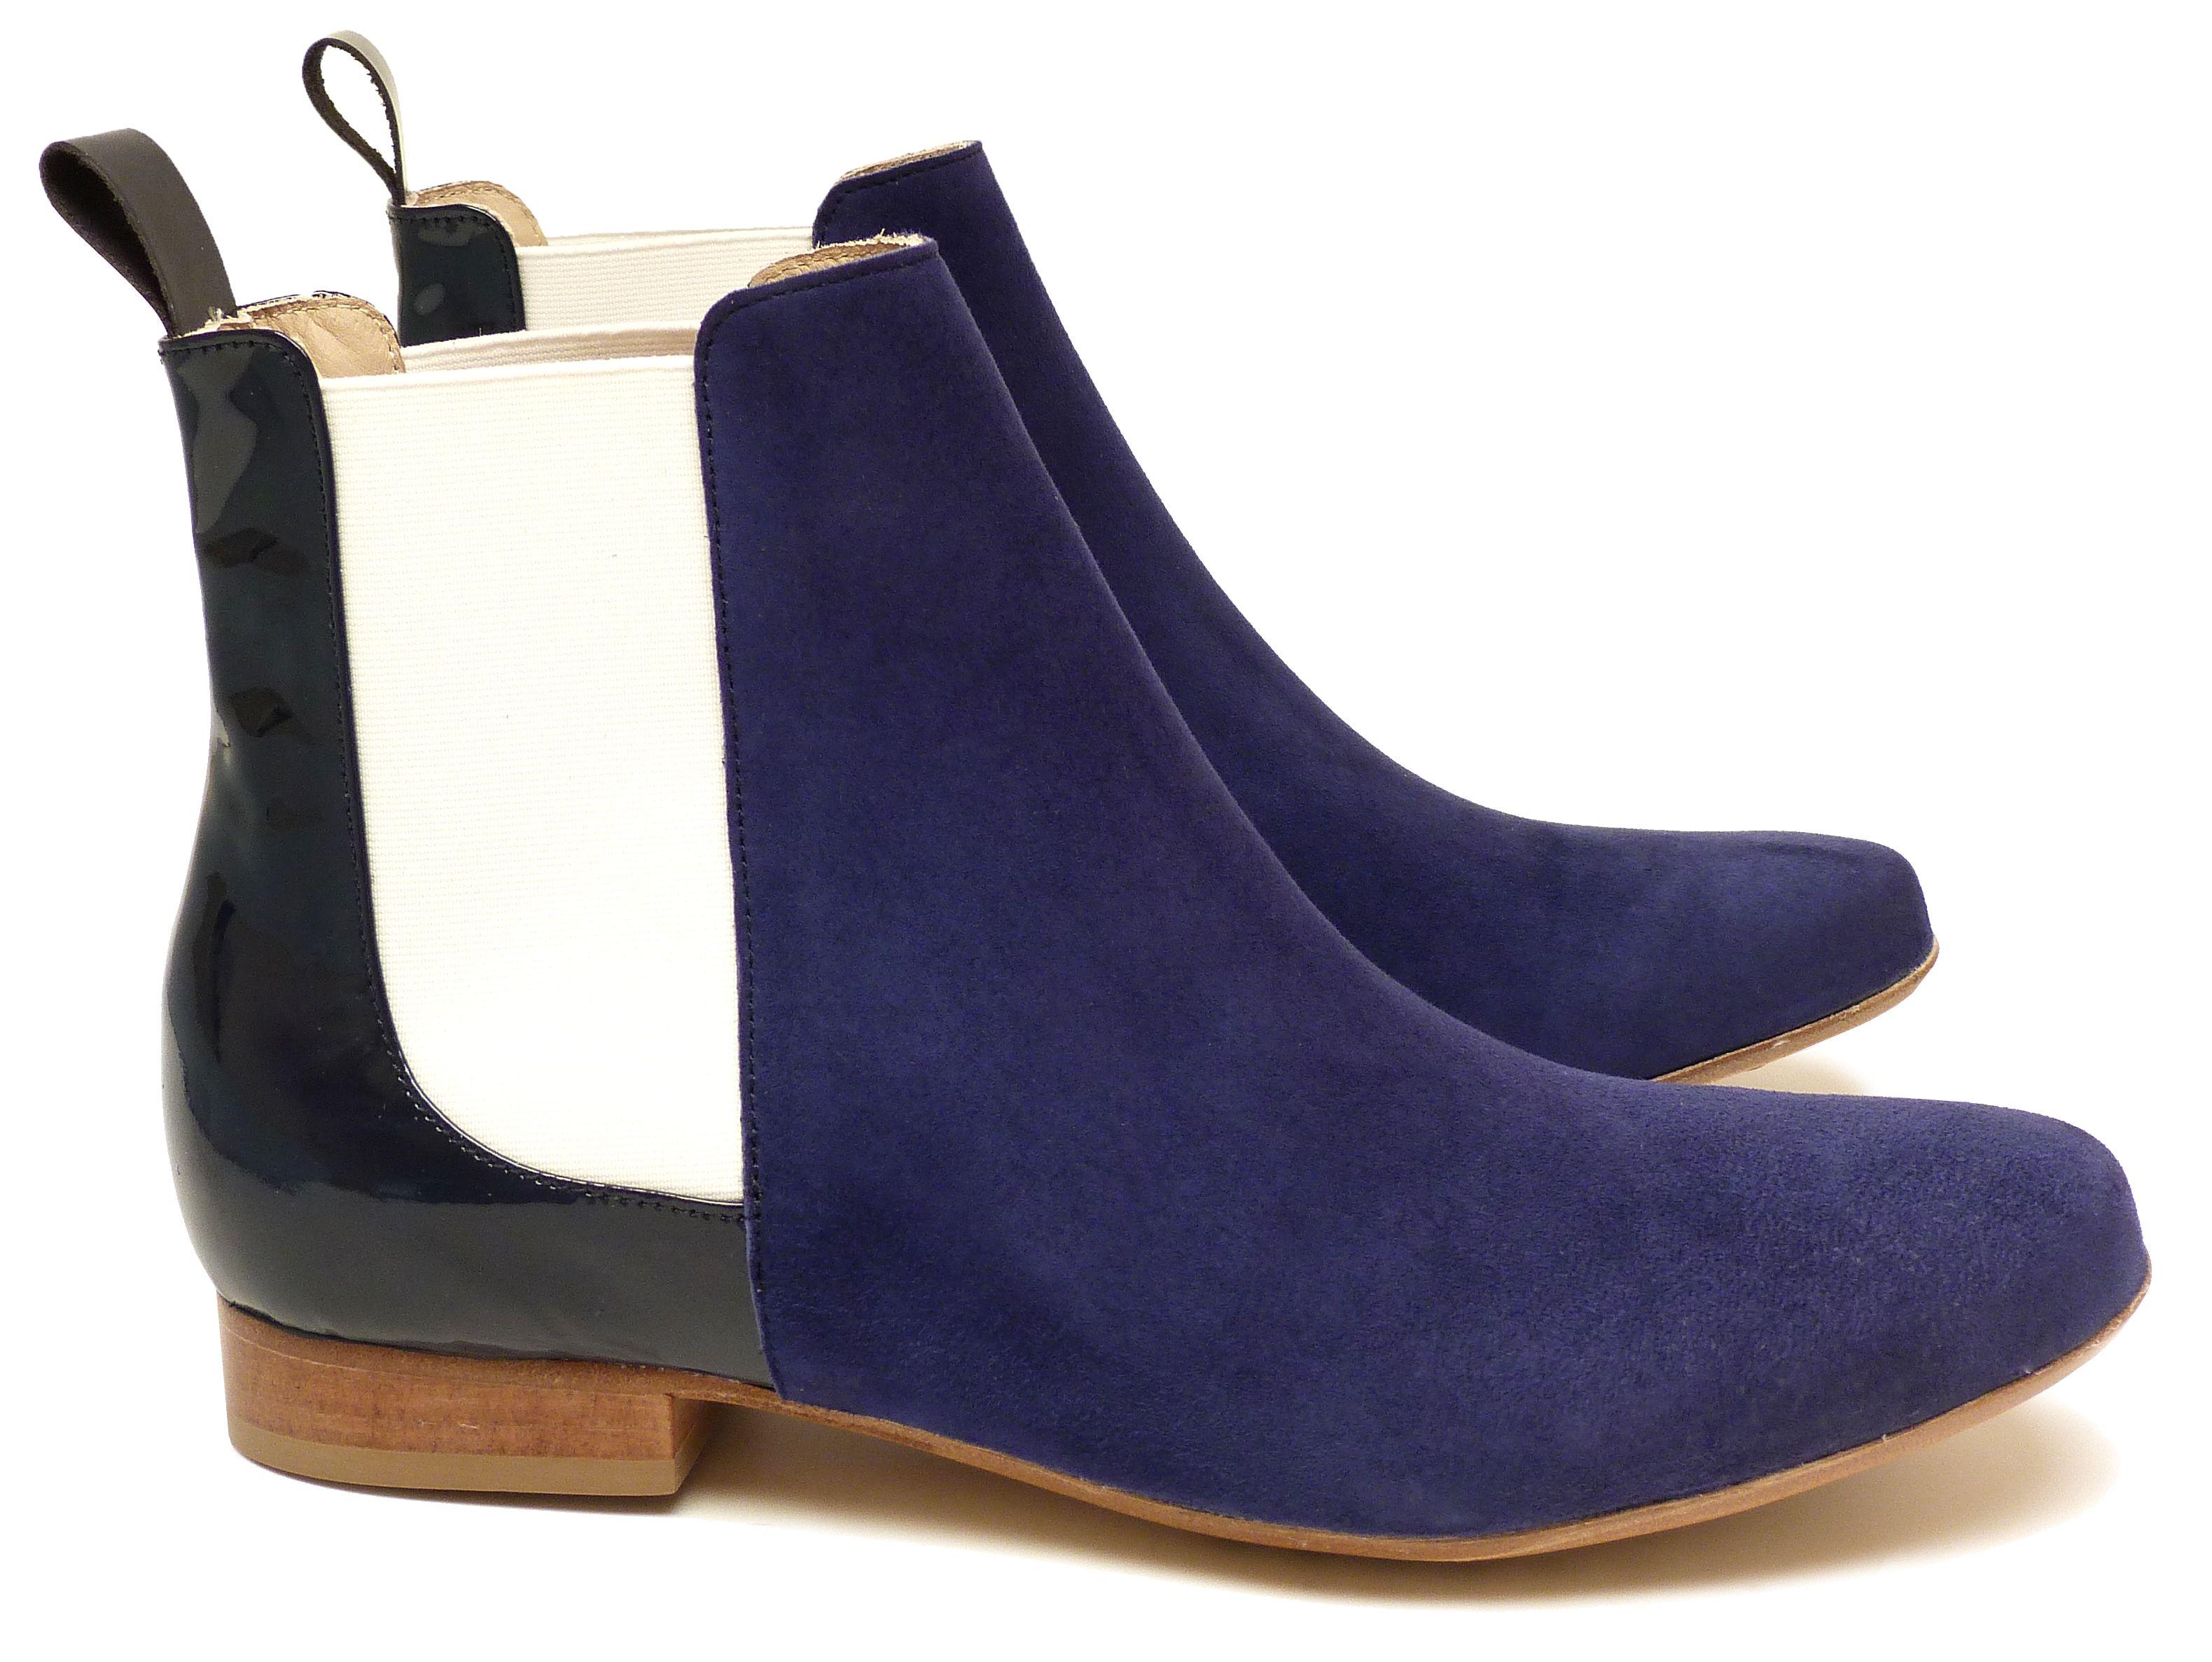 09be0b3e0f16 Chaussures Femme Boots Printemps Eté 2015 Maurice Manufacture BRUCE Chevre  velours encre - Verni encre